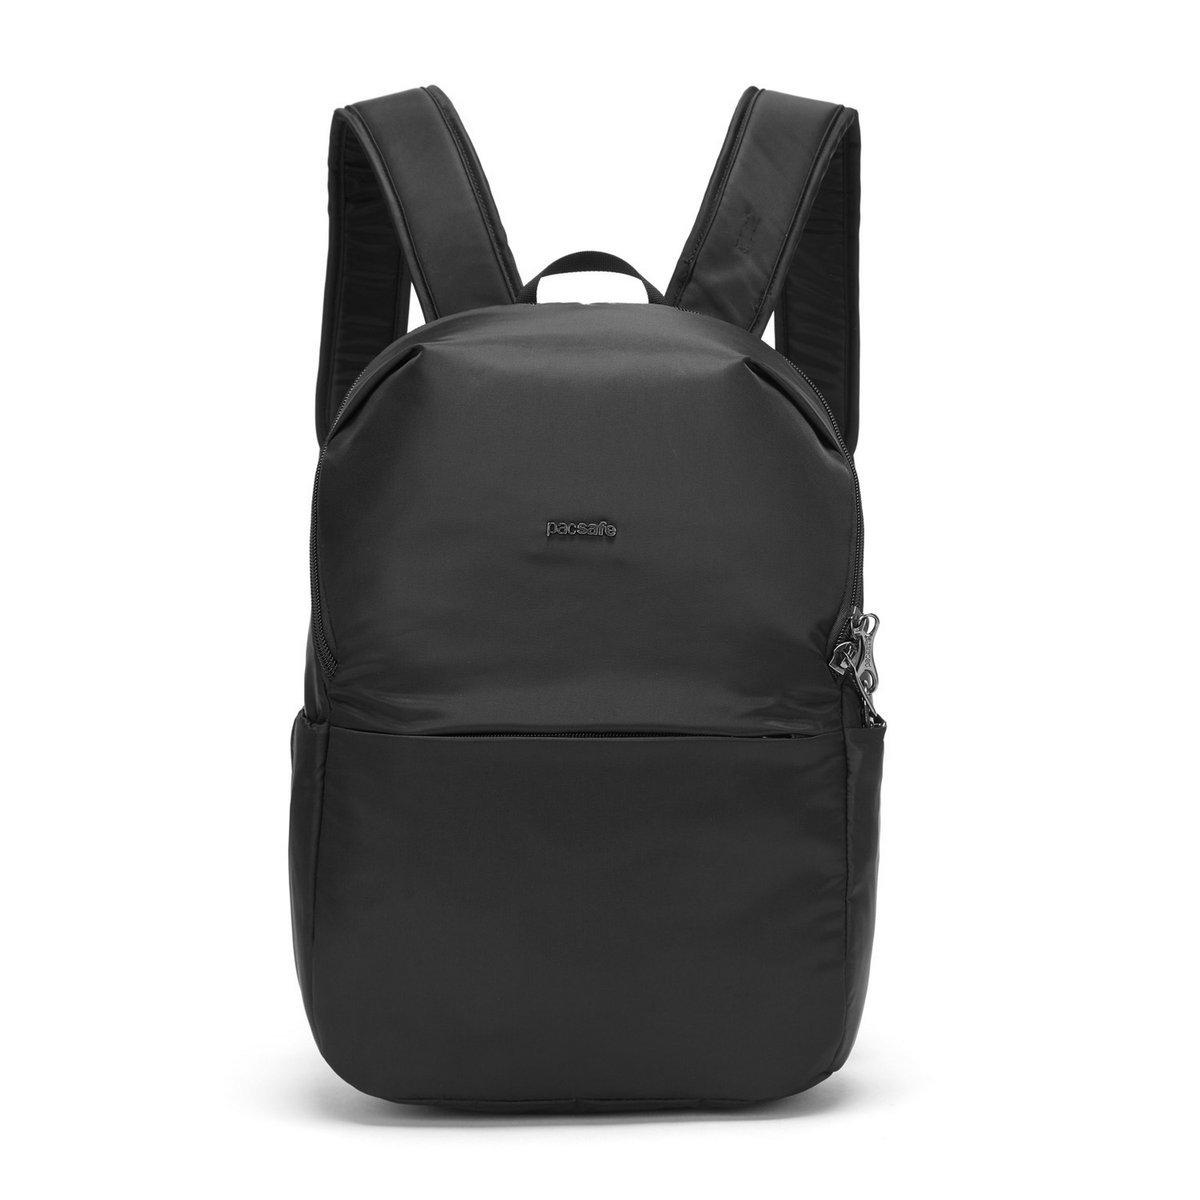 Plecak antykradzieżowy Pacsafe Cruise Essentials - Black